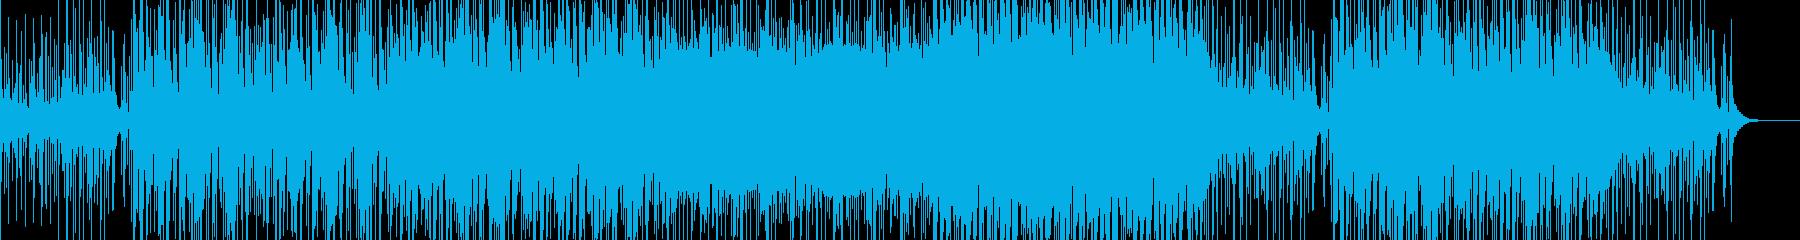 和楽器×タブラのゆったりとしたBGMの再生済みの波形